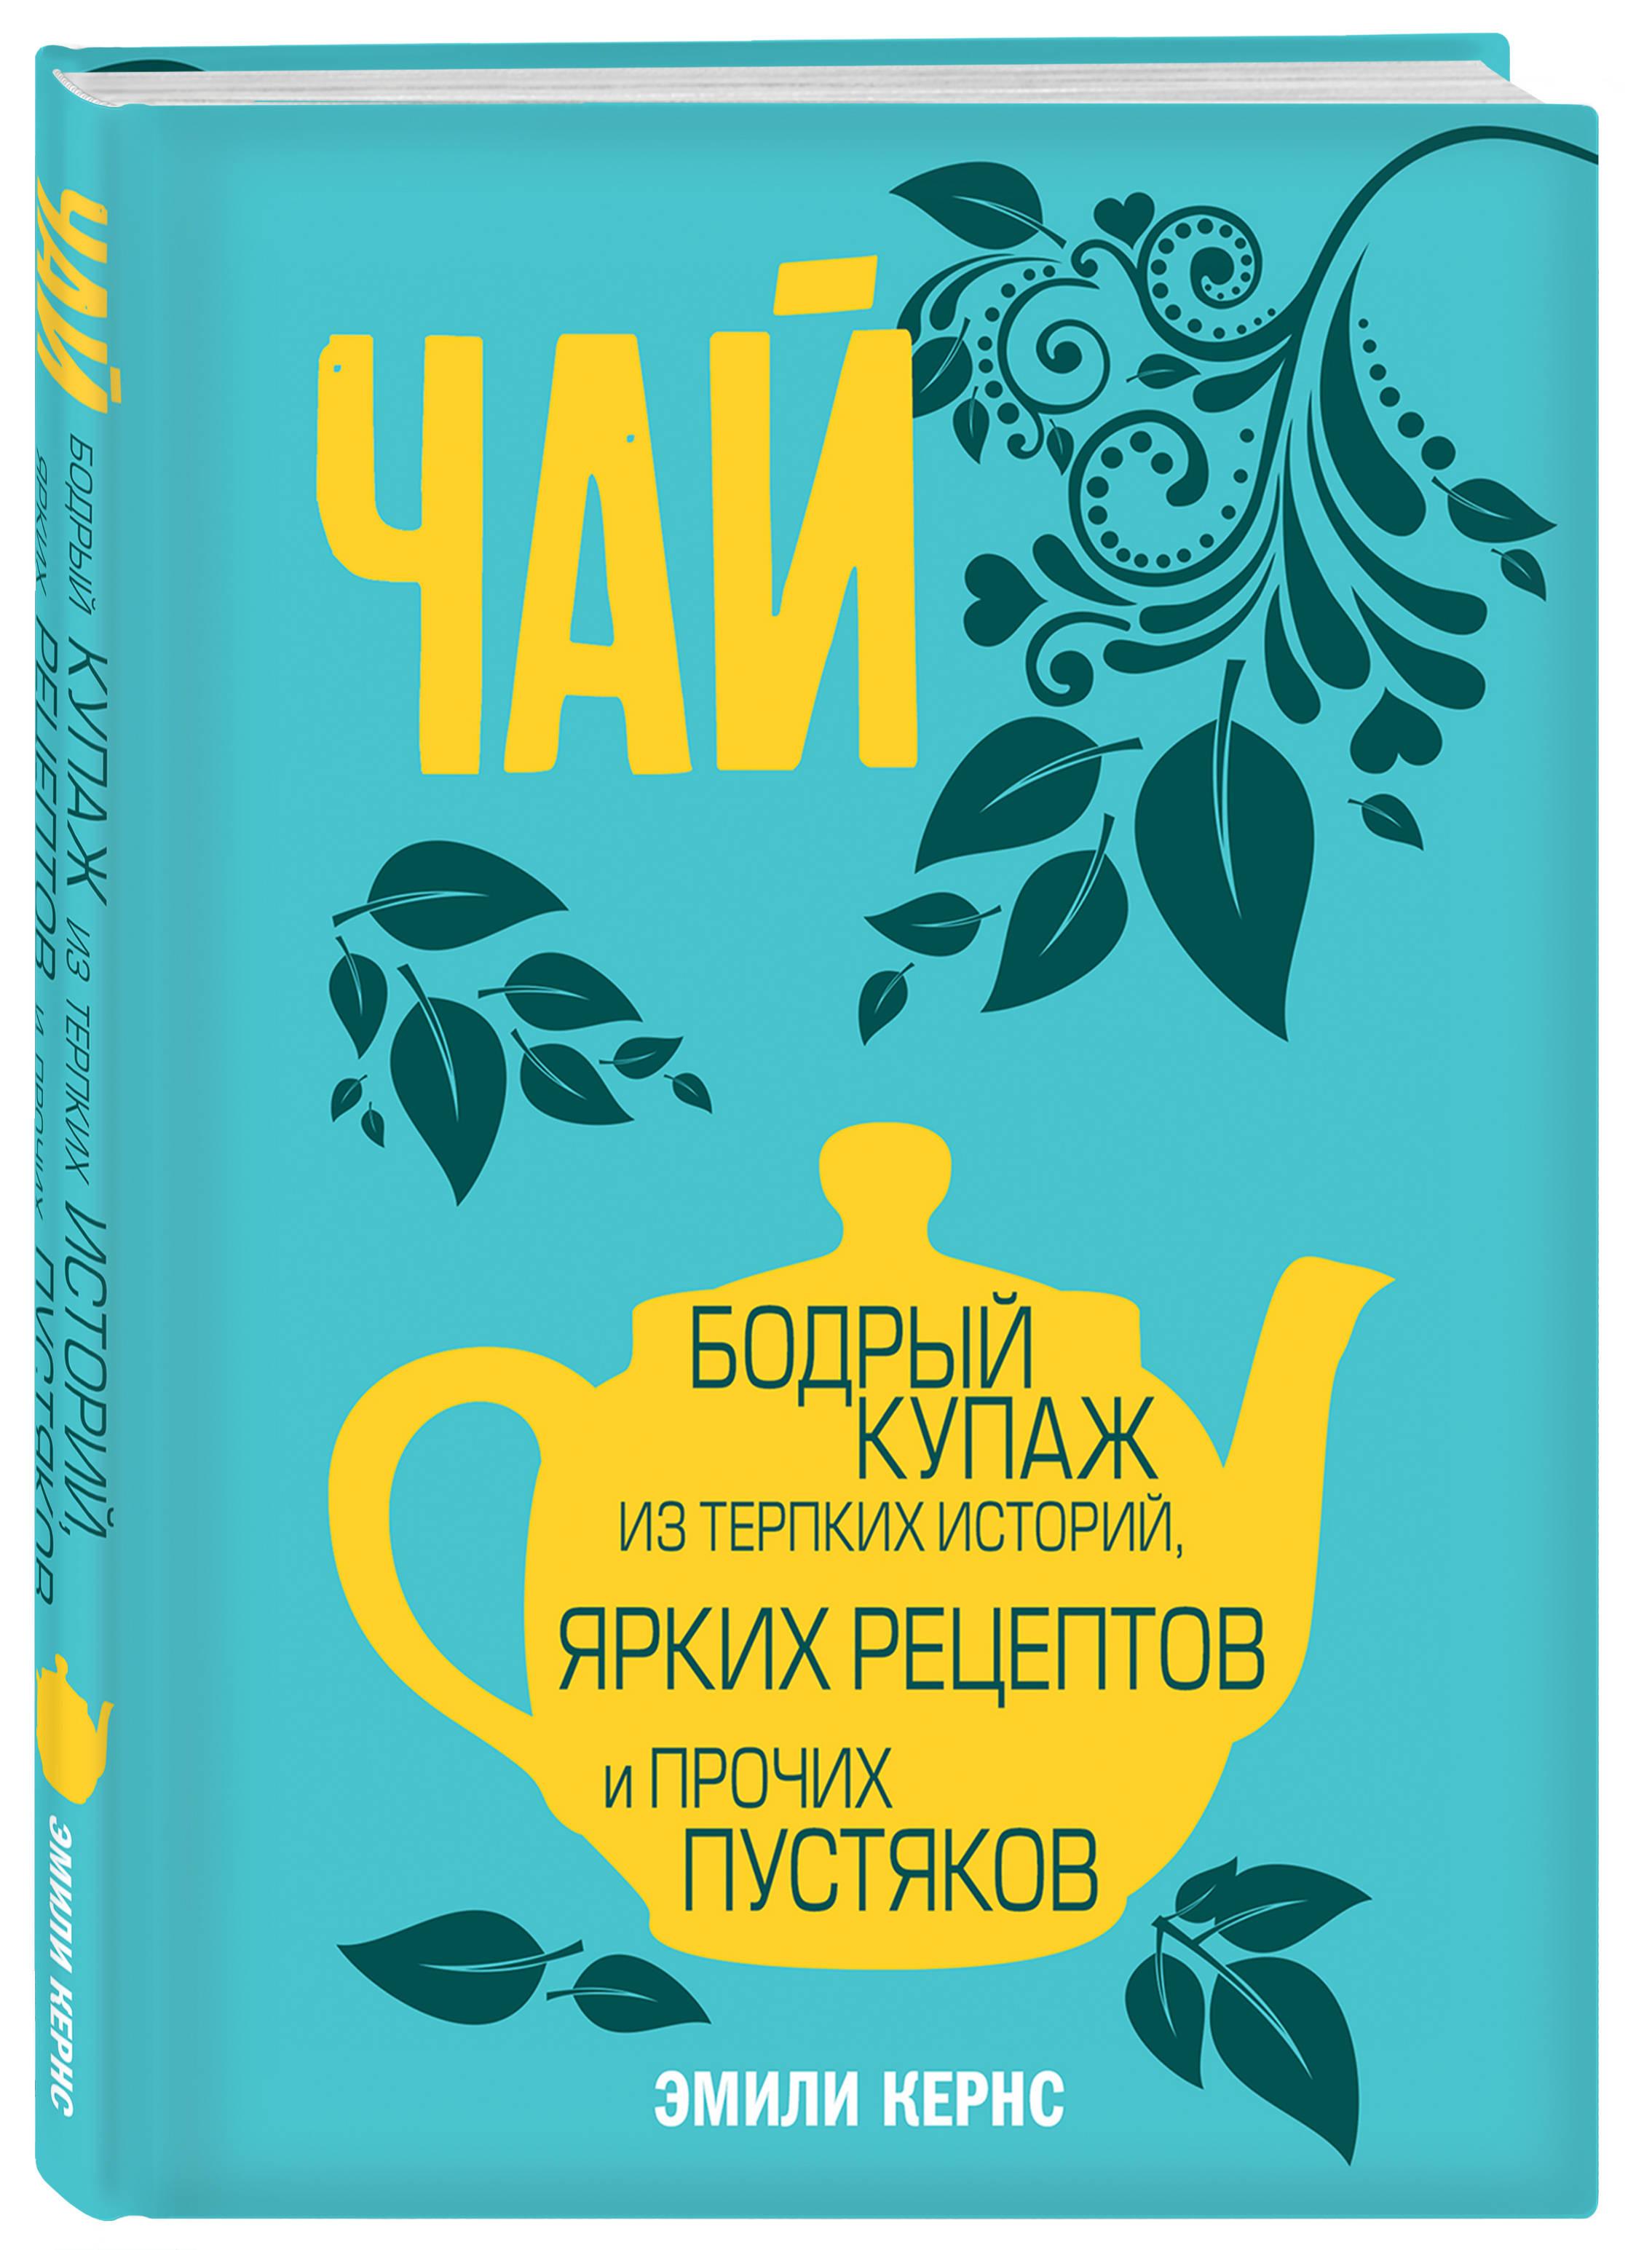 Чай. Бодрый купаж из терпких историй, ярких рецептов и прочих пустяков ( Эмили Кернс  )